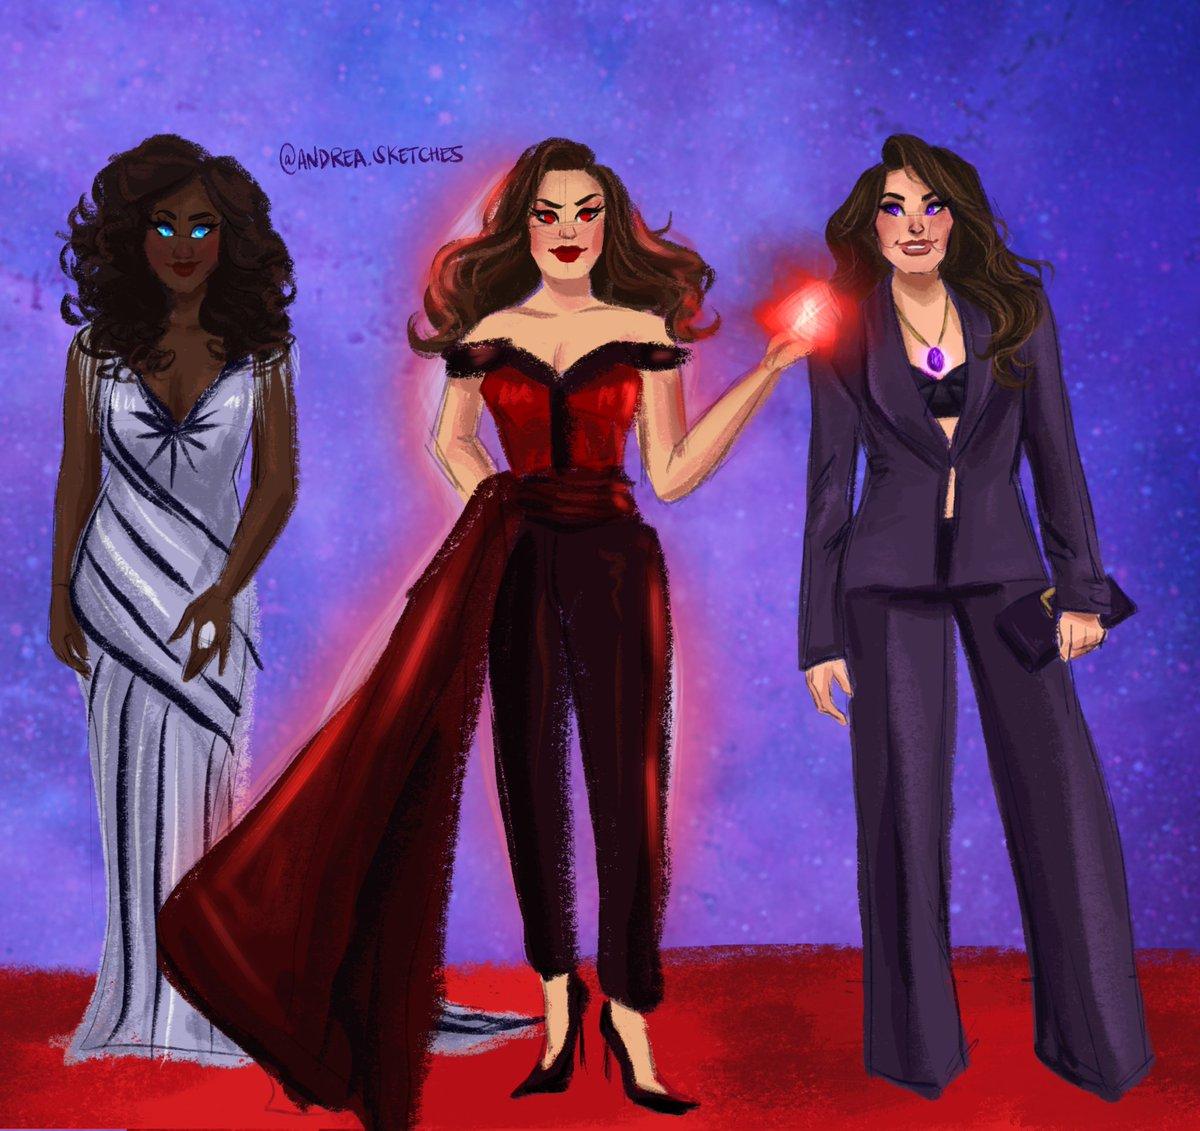 THEY!!!! #wandavisionbash #WandaVisionFinale